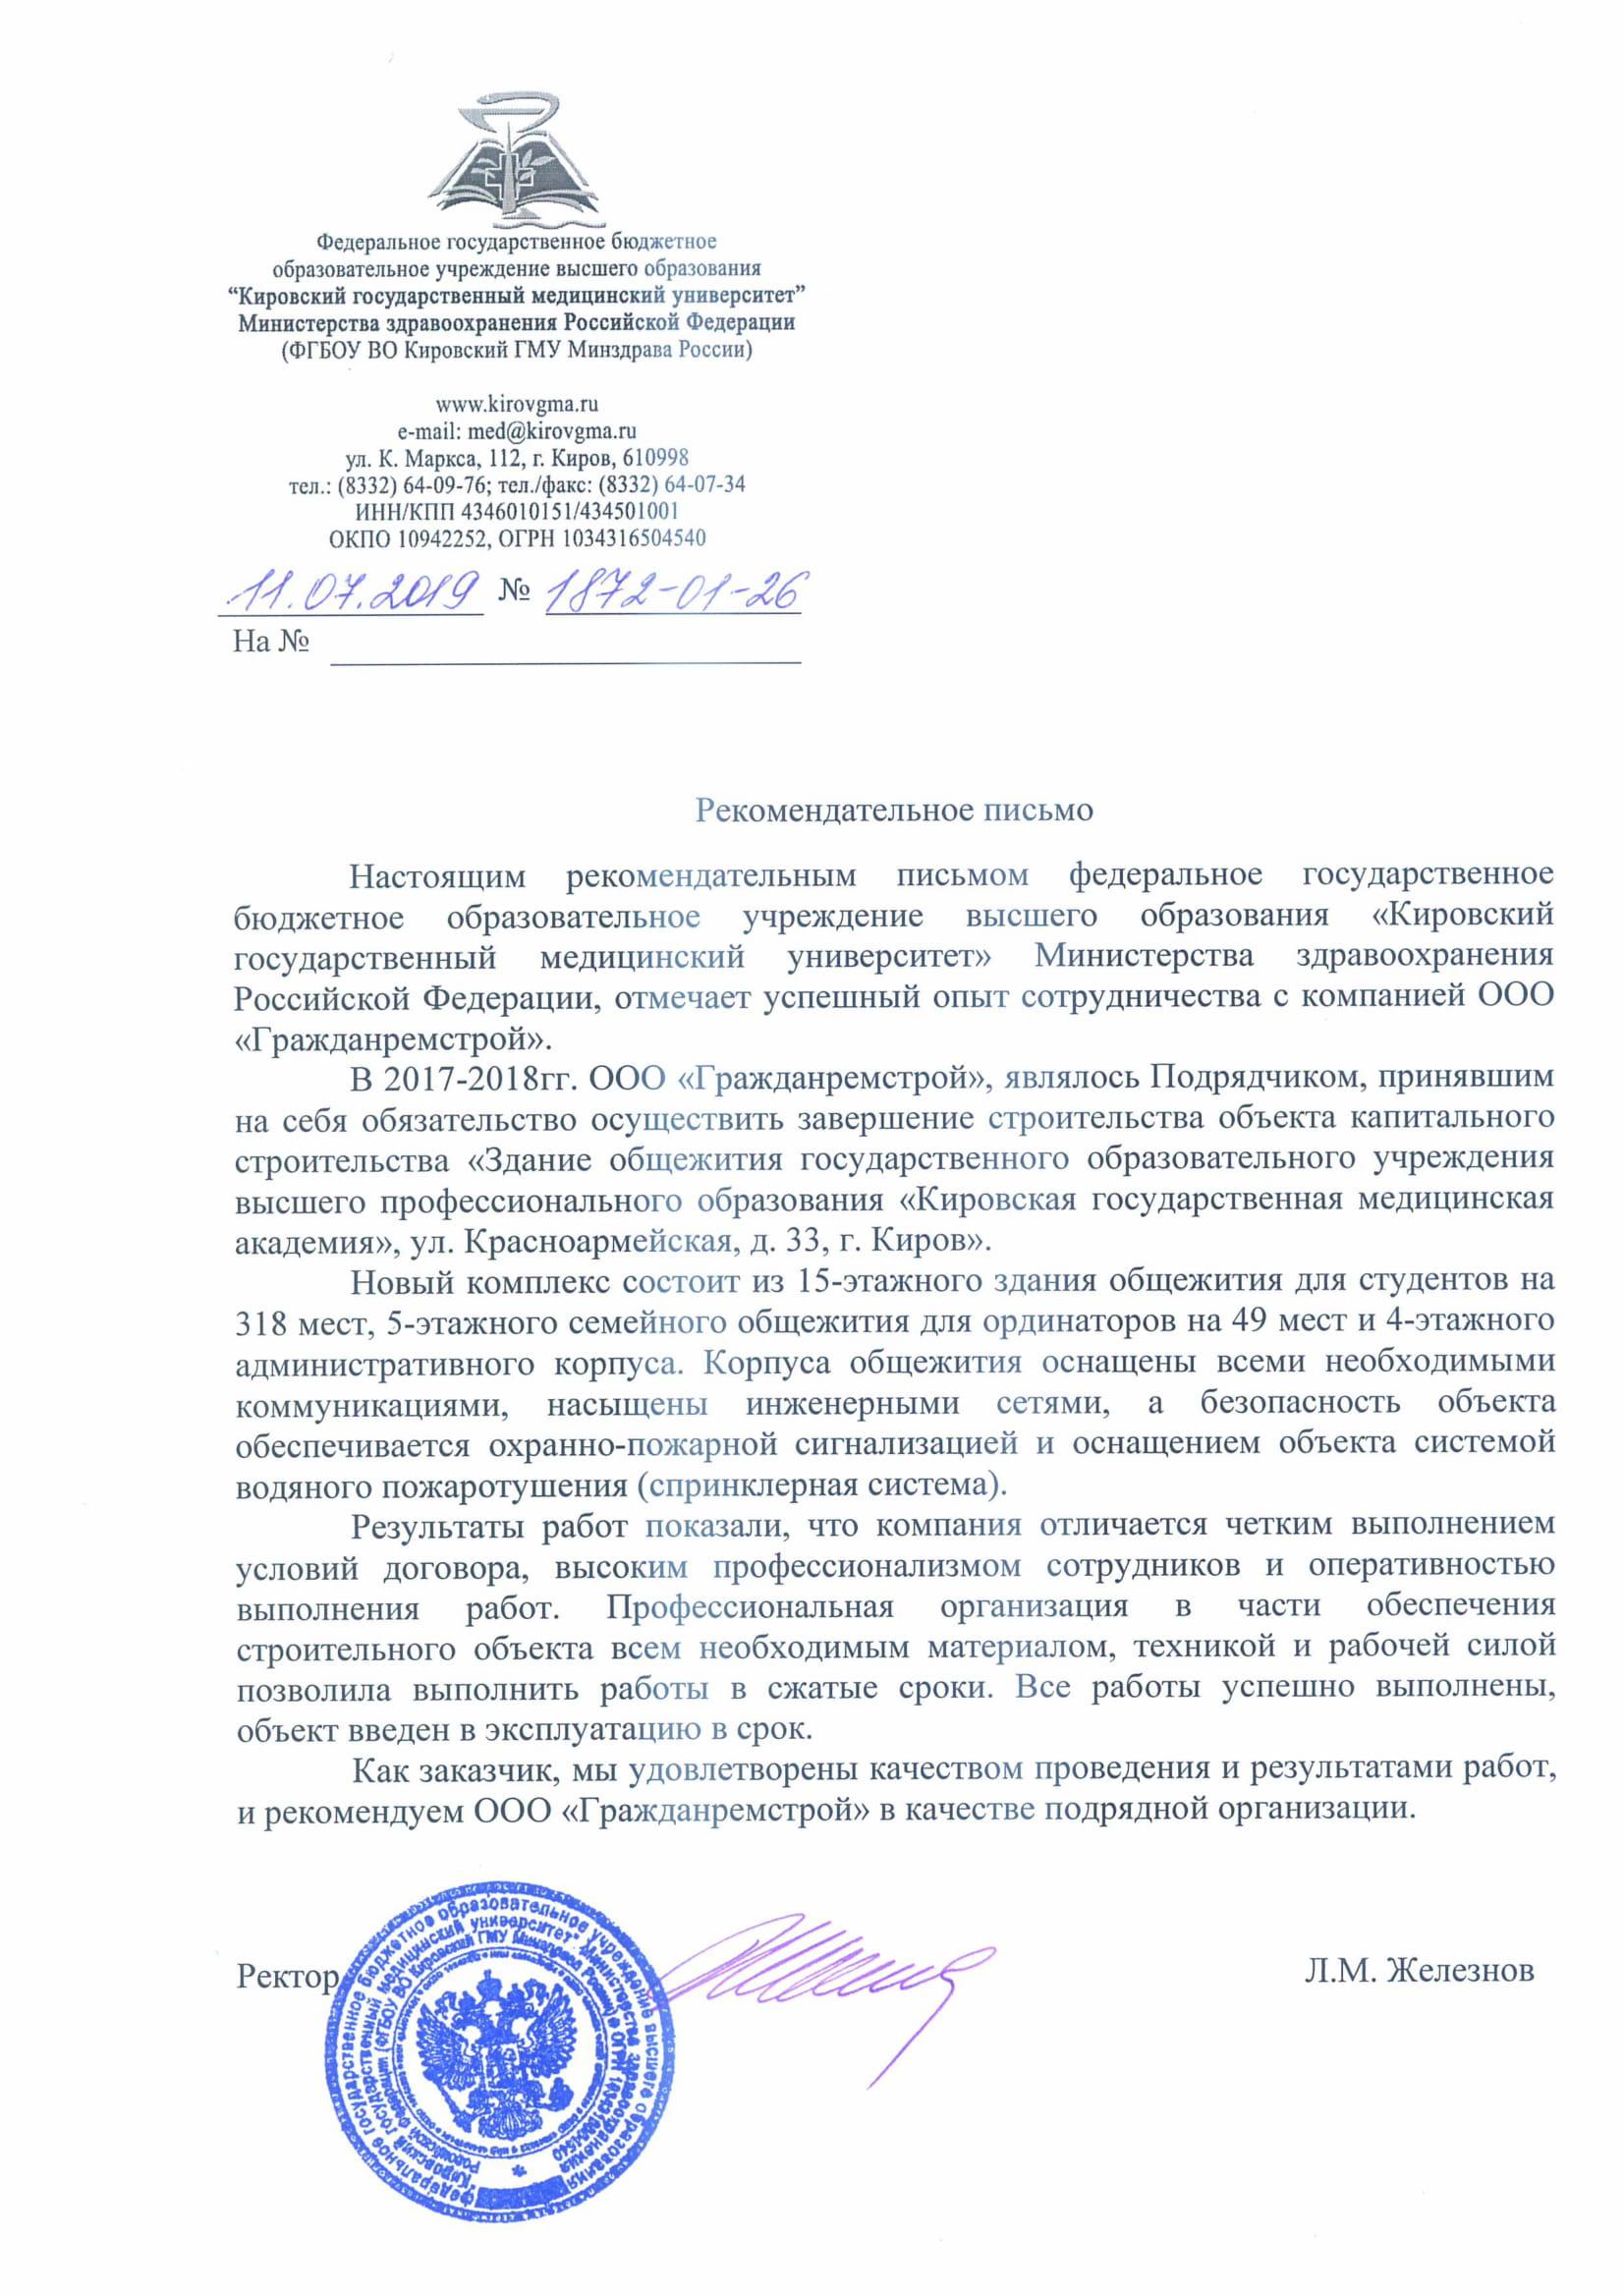 ФГБОУ ВО Кировский ГМУ Минздрава России, рекомендательное письмо